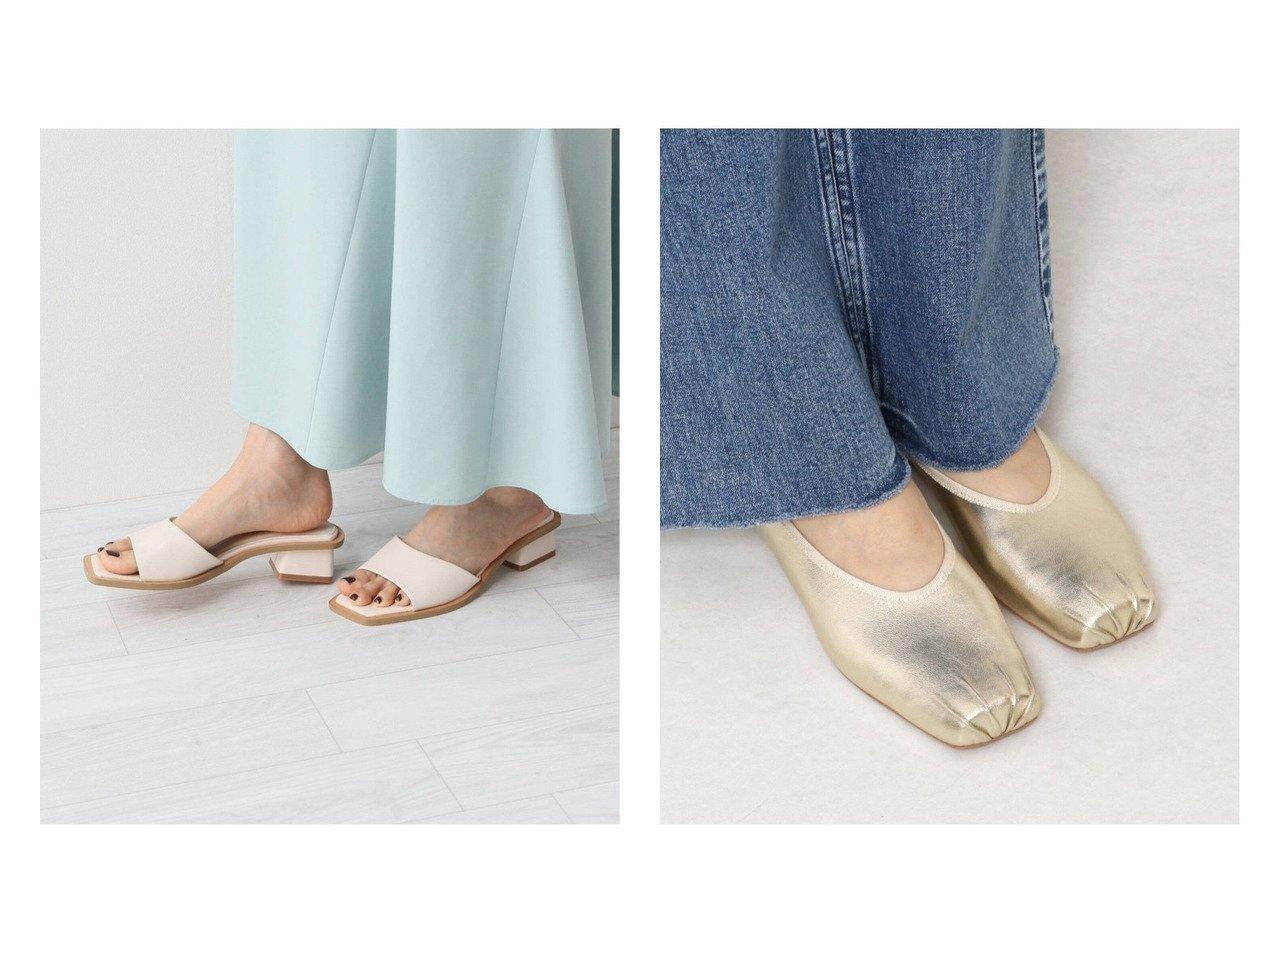 【Spick & Span/スピック&スパン】の【MOHI】スクエアバレーシューズ&【Le Talon/ル タロン】の3.5cmスクエアフレアヒールサンダル 【シューズ・靴】おすすめ!人気、トレンド・レディースファッションの通販 おすすめで人気の流行・トレンド、ファッションの通販商品 メンズファッション・キッズファッション・インテリア・家具・レディースファッション・服の通販 founy(ファニー) https://founy.com/ ファッション Fashion レディースファッション WOMEN 2021年 2021 2021春夏・S/S SS/Spring/Summer/2021 S/S・春夏 SS・Spring/Summer サンダル シューズ シンプル スクエア トレンド フレア ミュール 春 Spring ジュート スマート バレエ フォルム 人気 |ID:crp329100000036732